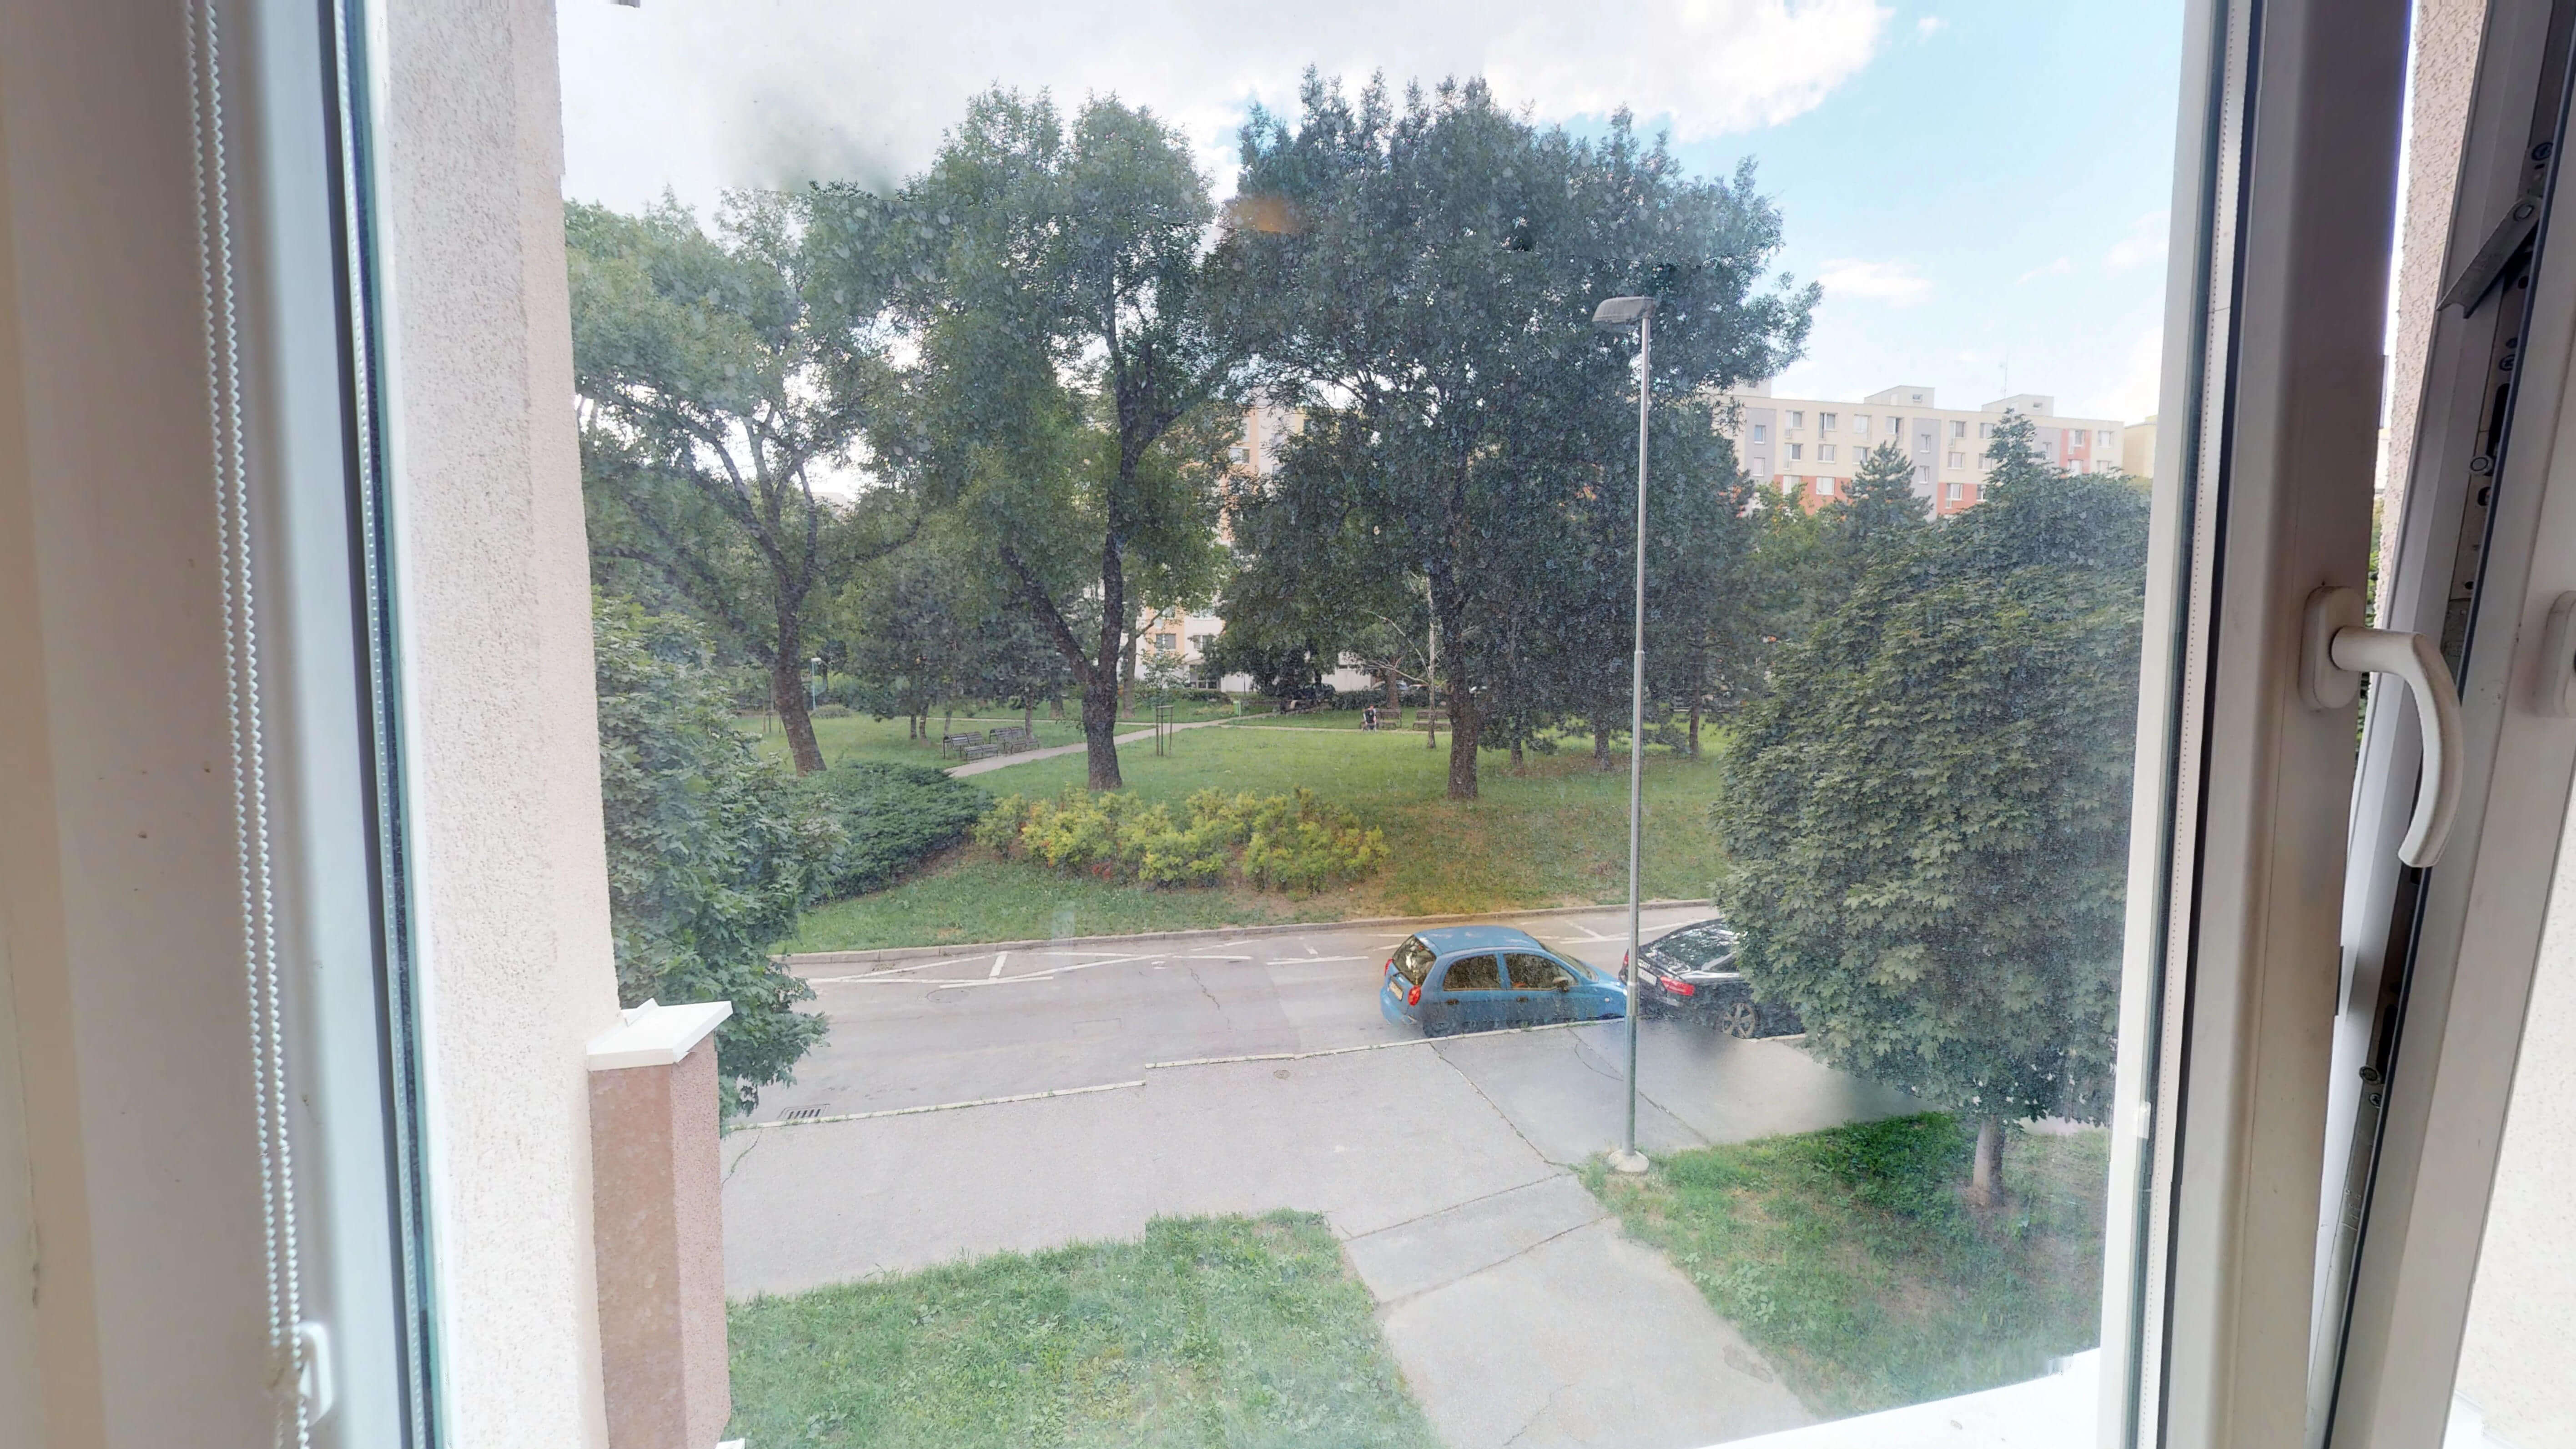 Predané Predaj exkluzívneho 3 izb. bytu,v Ružinove, ulica Palkovičová, blízko Trhoviska Miletičky v Bratislave, 68m2, kompletne zariadený-26